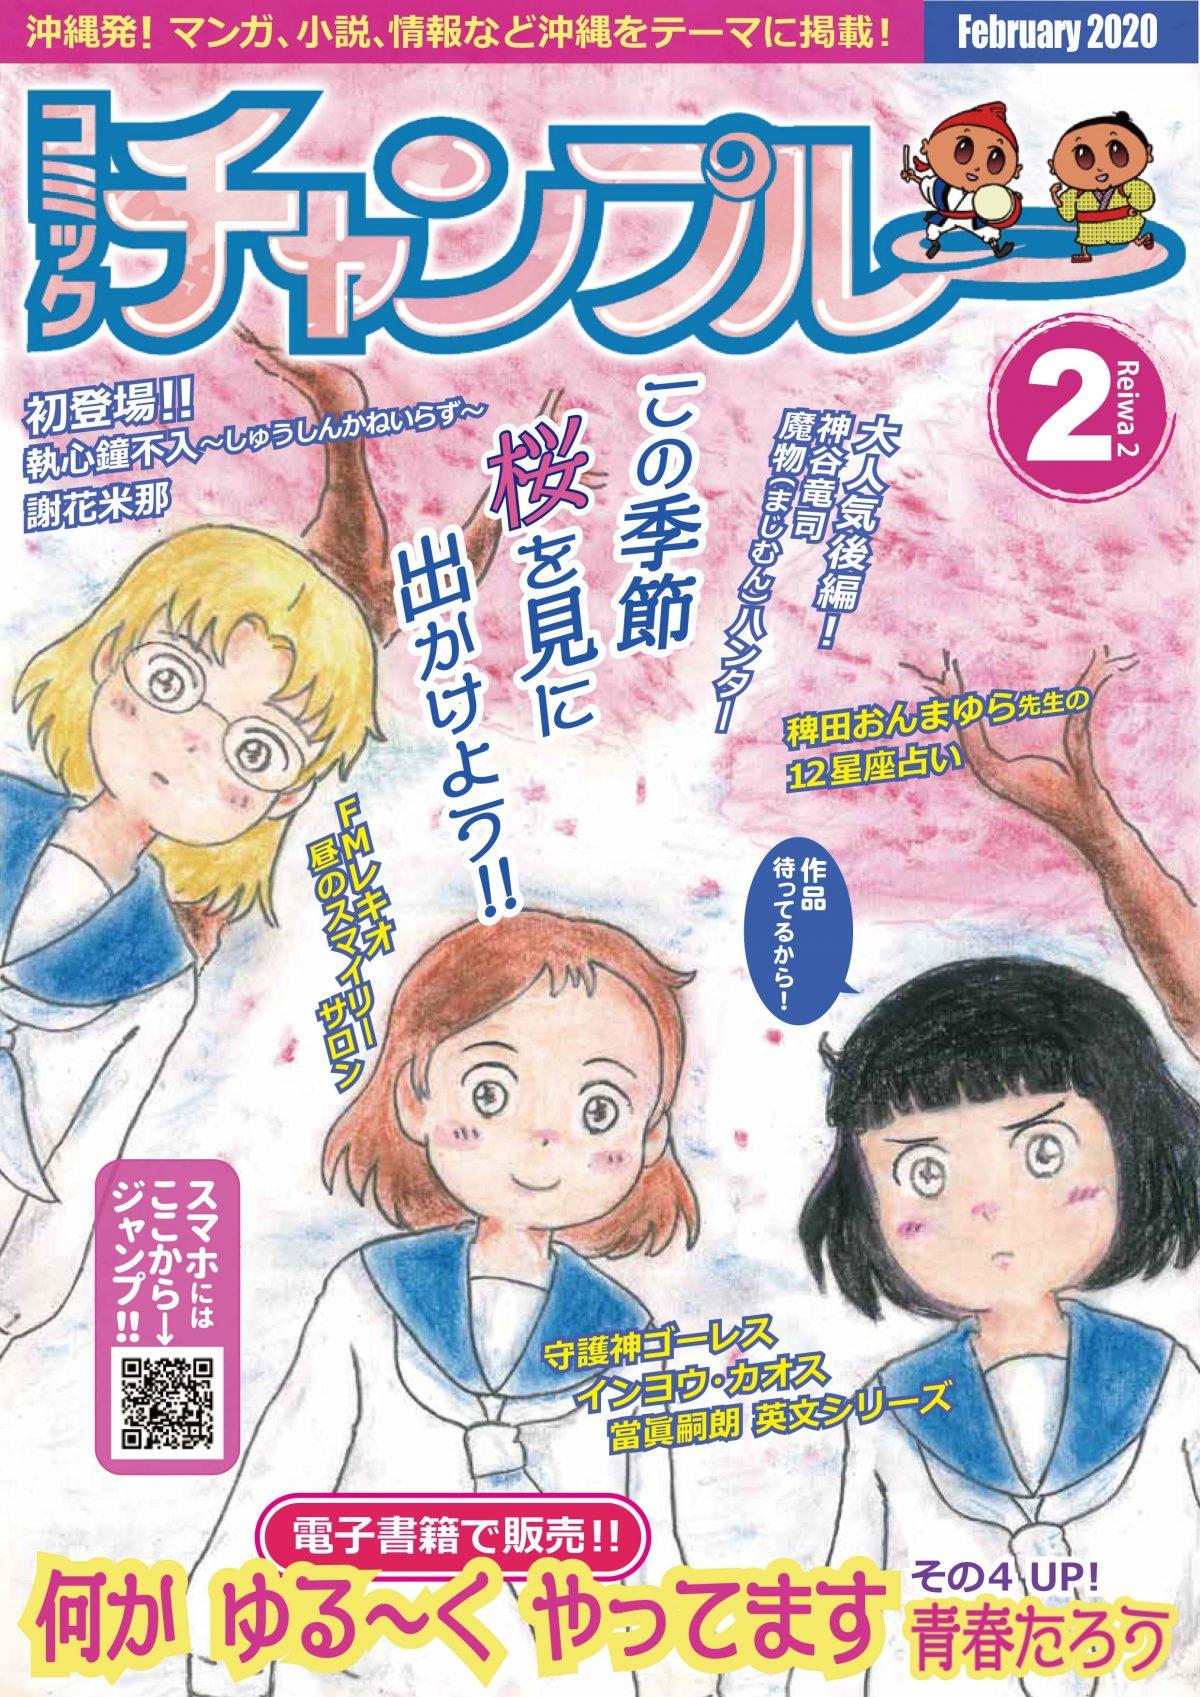 2月です! コミックチャンプルー 表紙更新しました! 沖縄マンガチラシもよろしく!